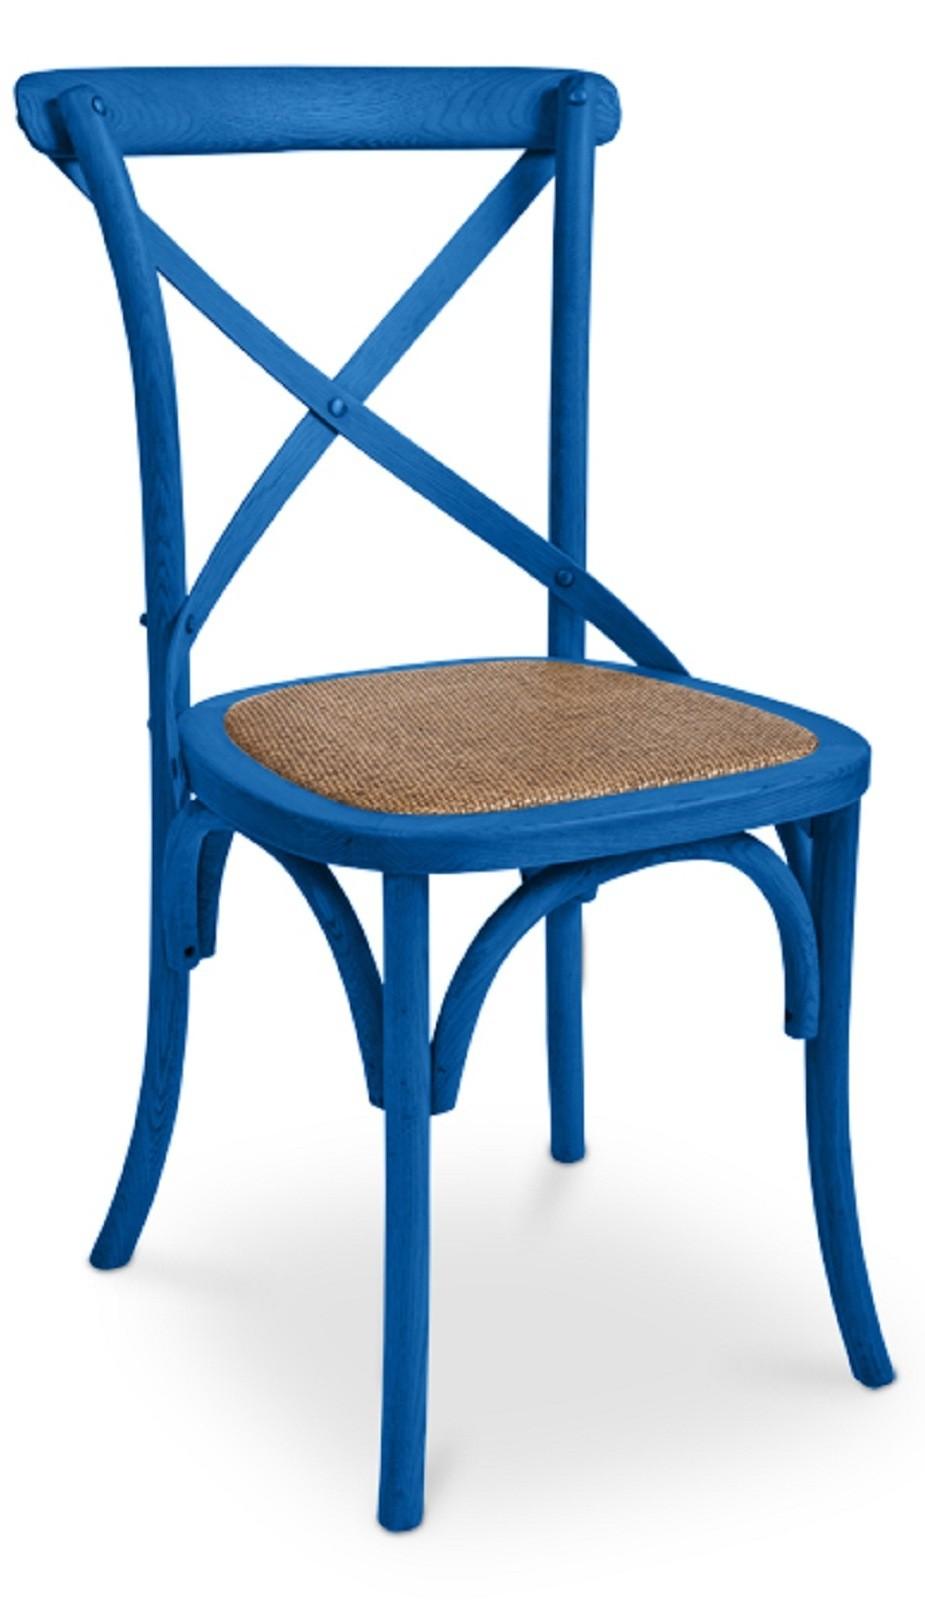 Crazy Vintage Vintage Bleu Crazy Chaise Bois Vintage Bois Chaise Chaise Bleu Bois T1cFKlJ3